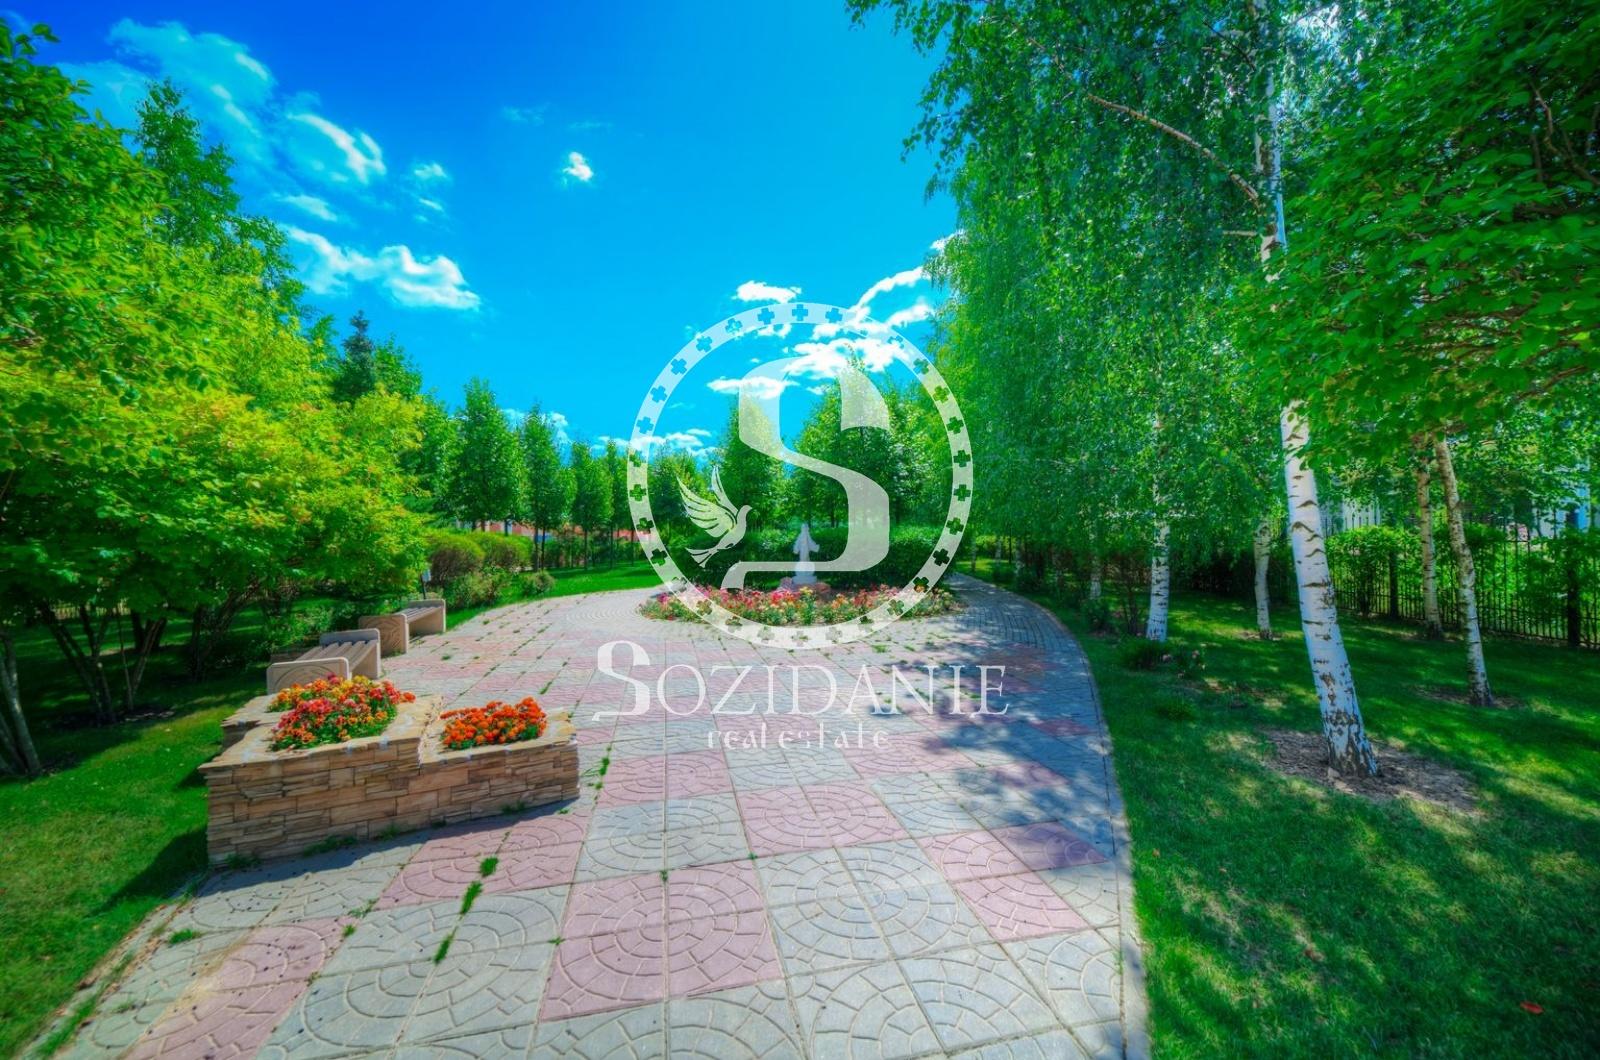 6 Bedrooms, Загородная, Продажа, Listing ID 1486, Московская область, Россия,